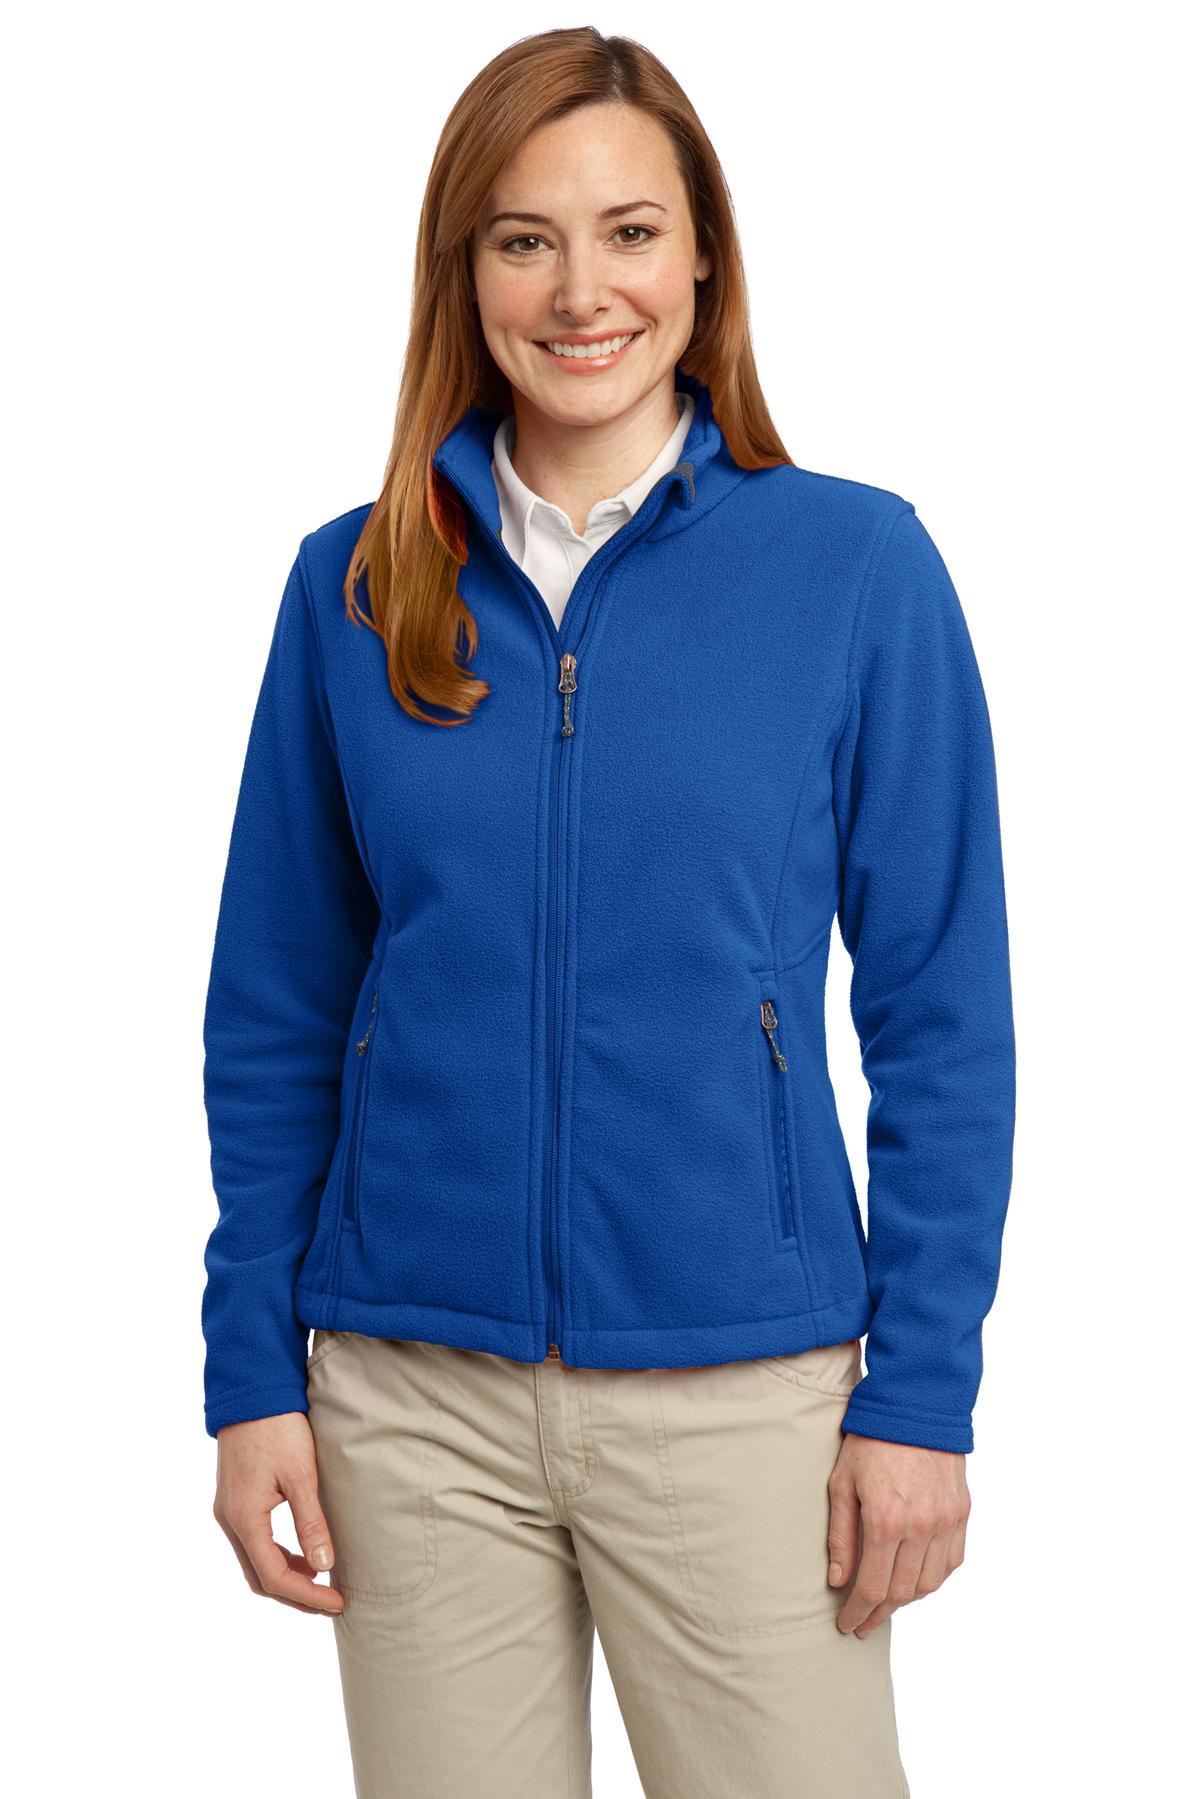 Port Authority® Ladies Value Fleece Jacket.